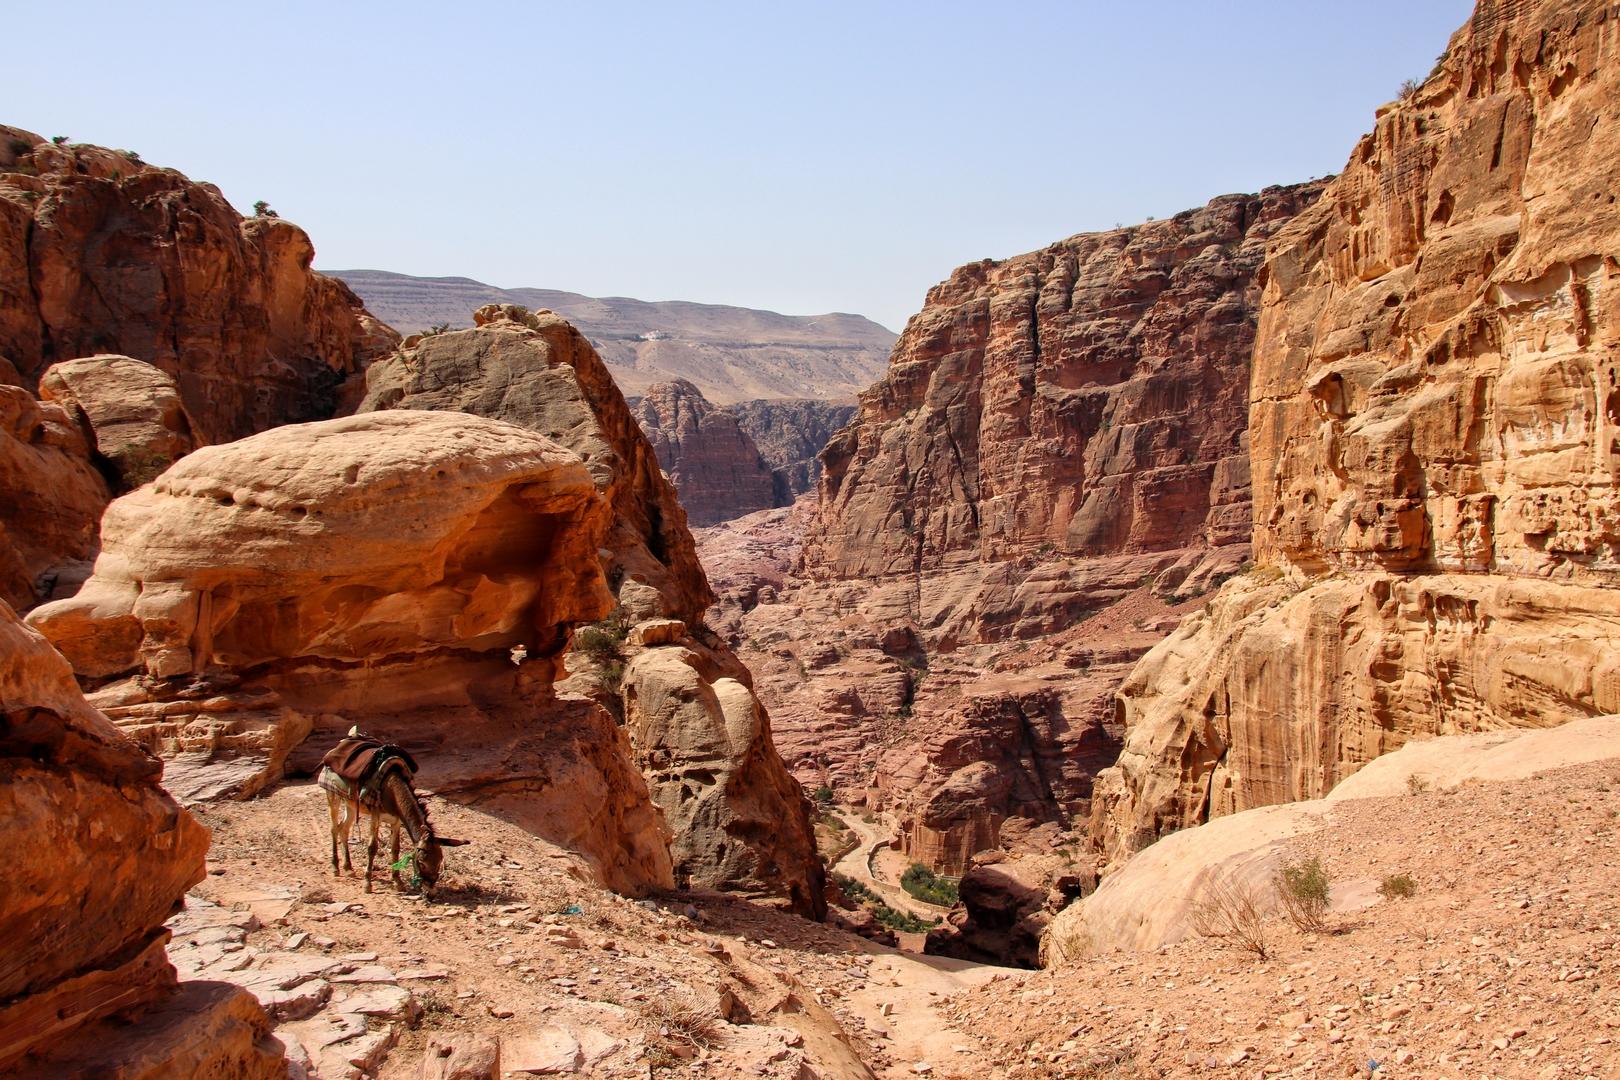 Jordanie - Randonnée sur le site de Petra